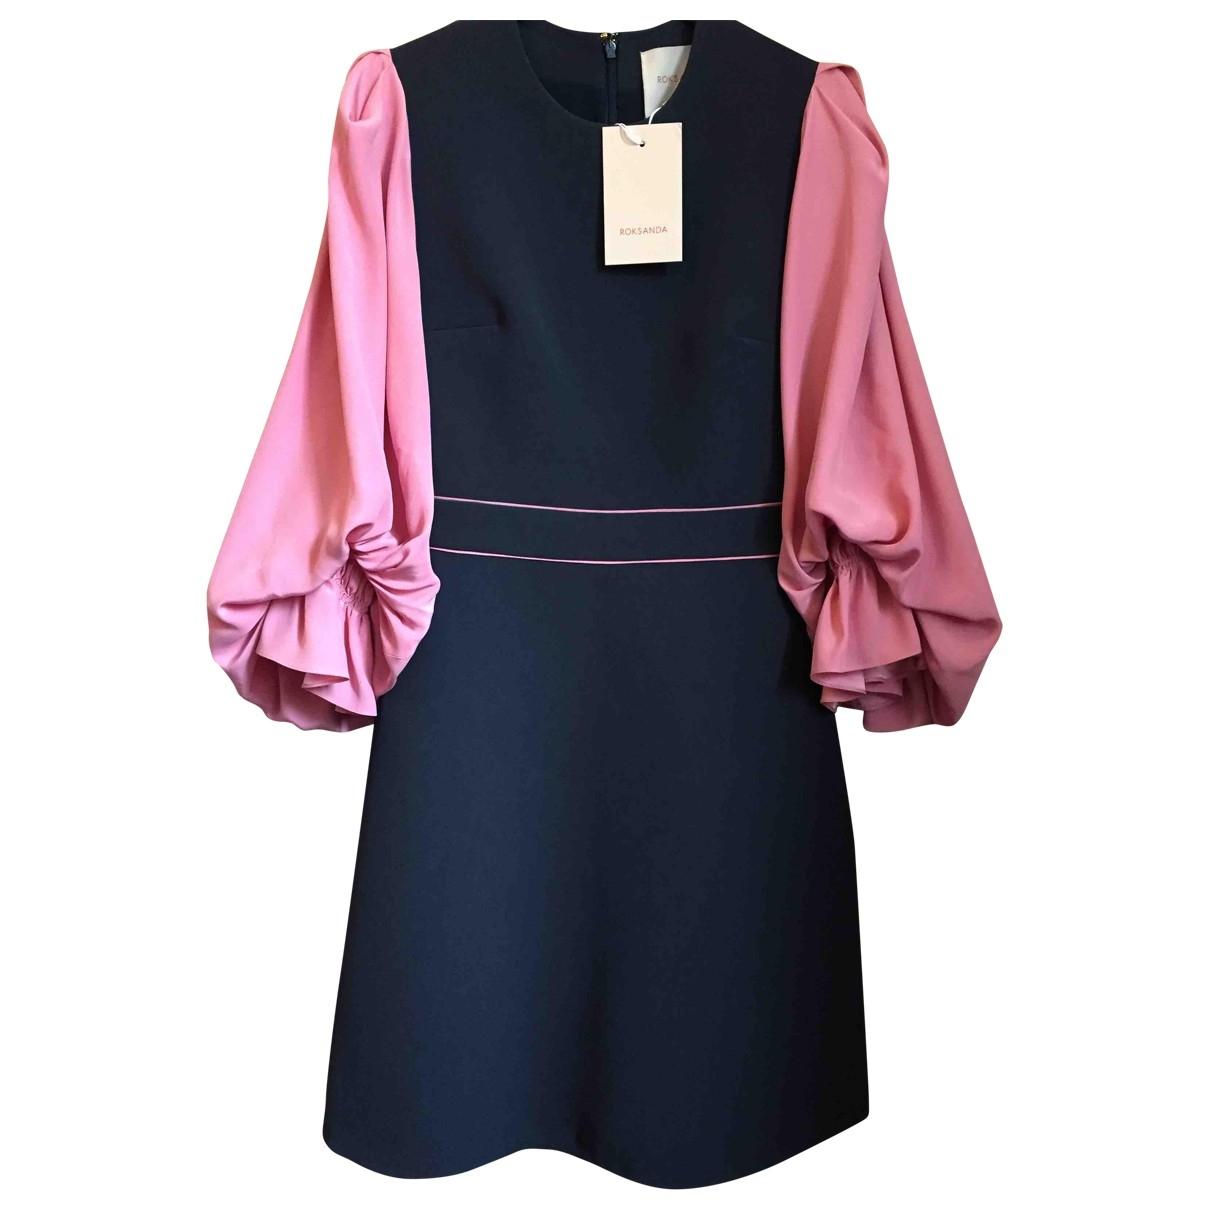 Roksanda \N Navy dress for Women 6 UK